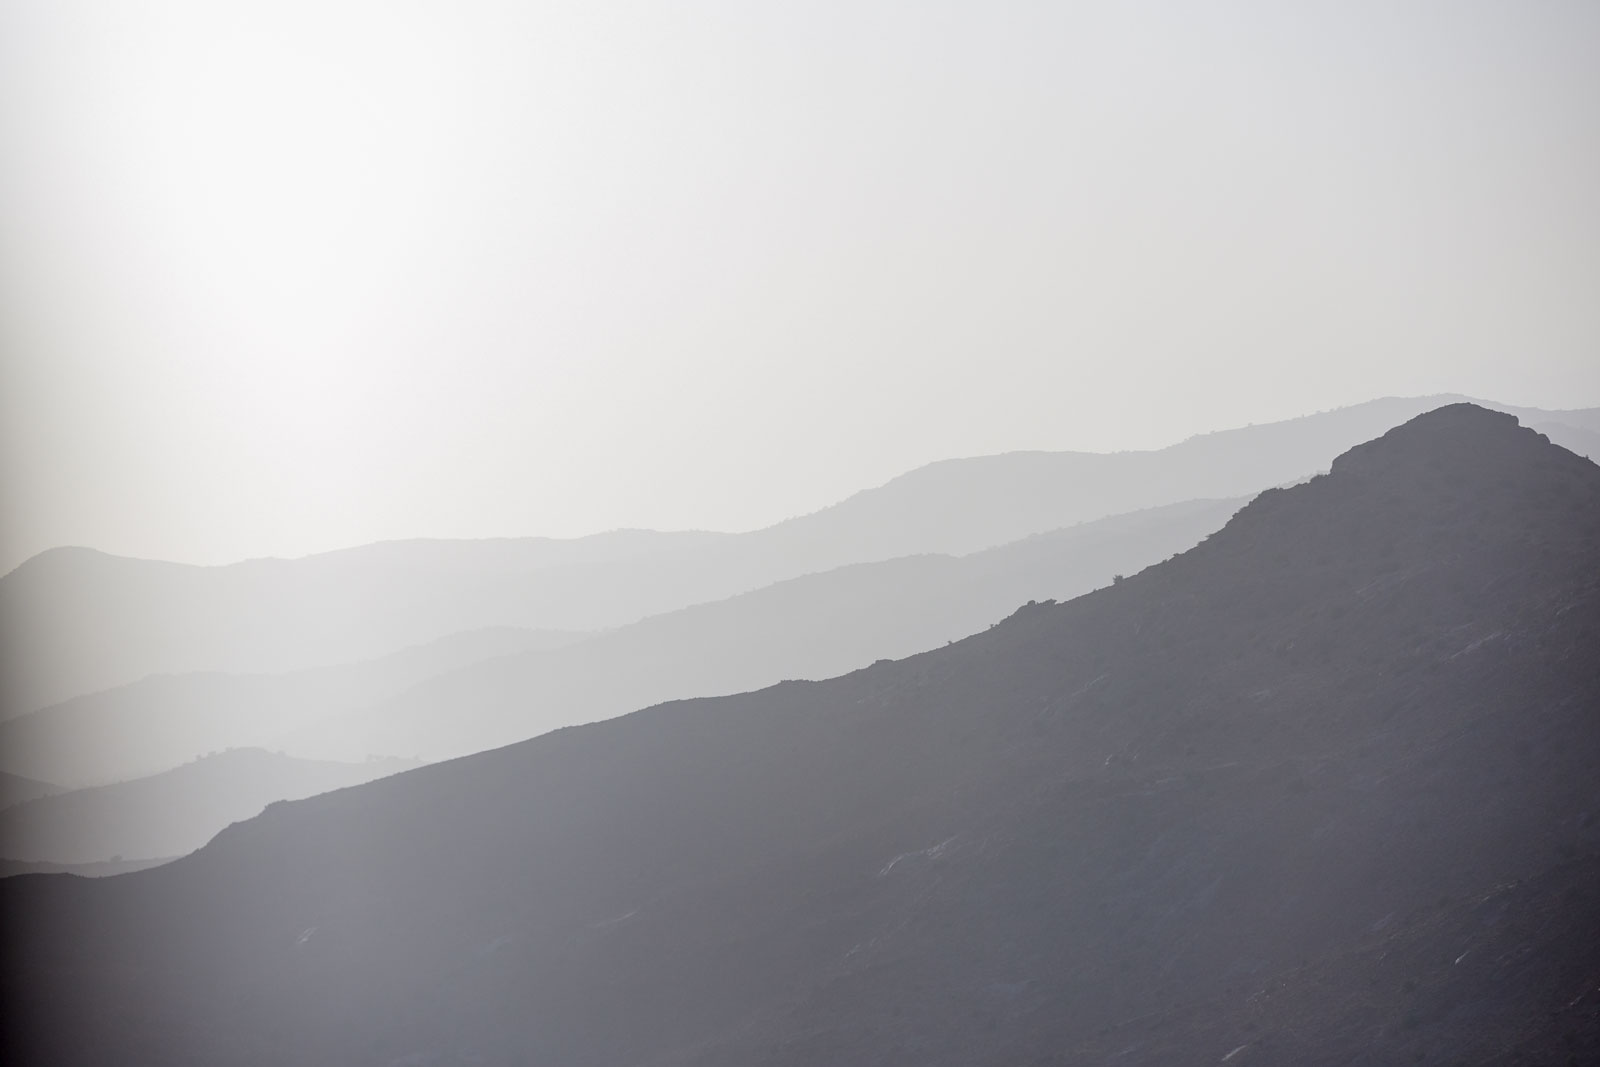 Bild von im Dunst sich auflösenden Berglandschaften in den Bergen des Antiatlas Gebirges in Marokko